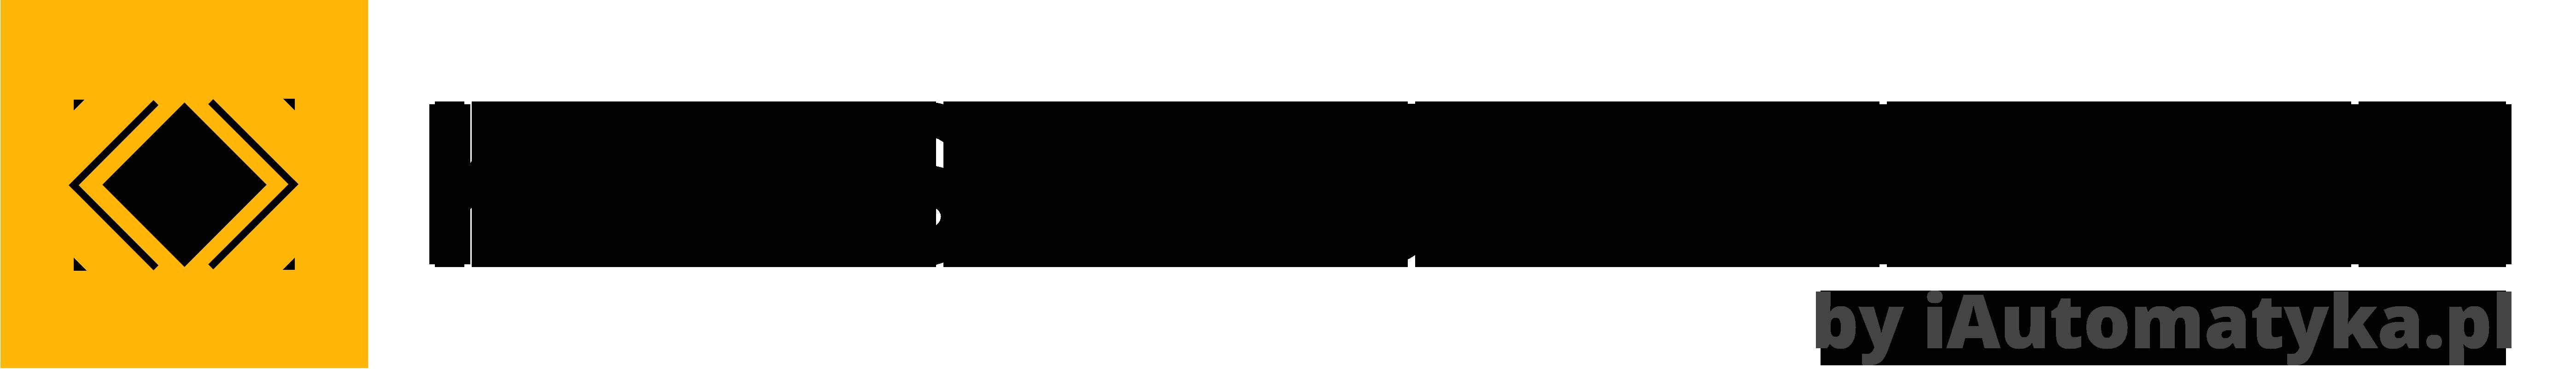 kursy automatyki logo